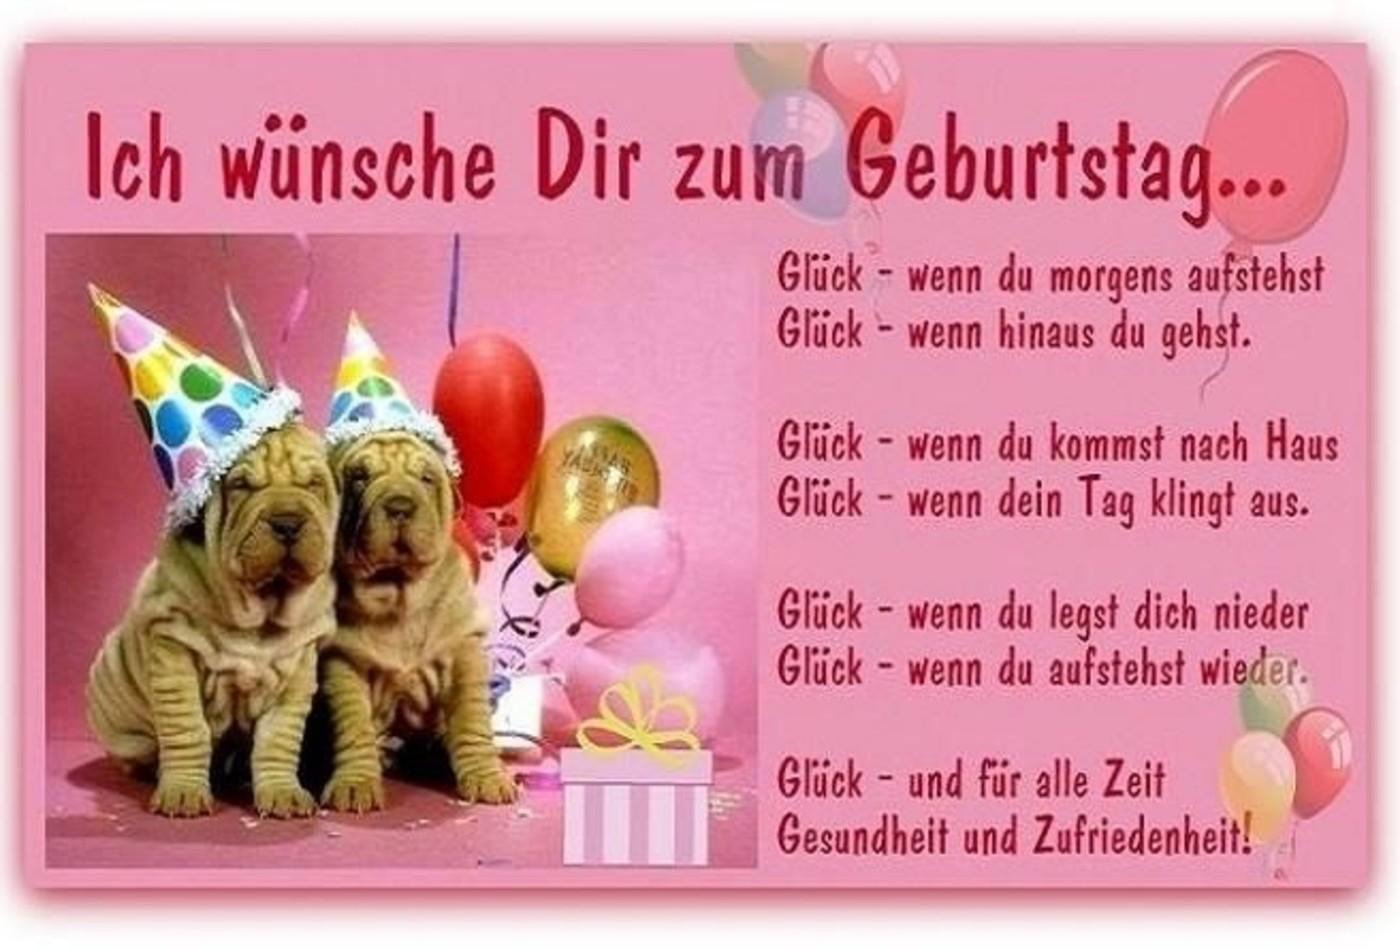 Geburtstag gbpicsonline Glückwünsche Geburtstag